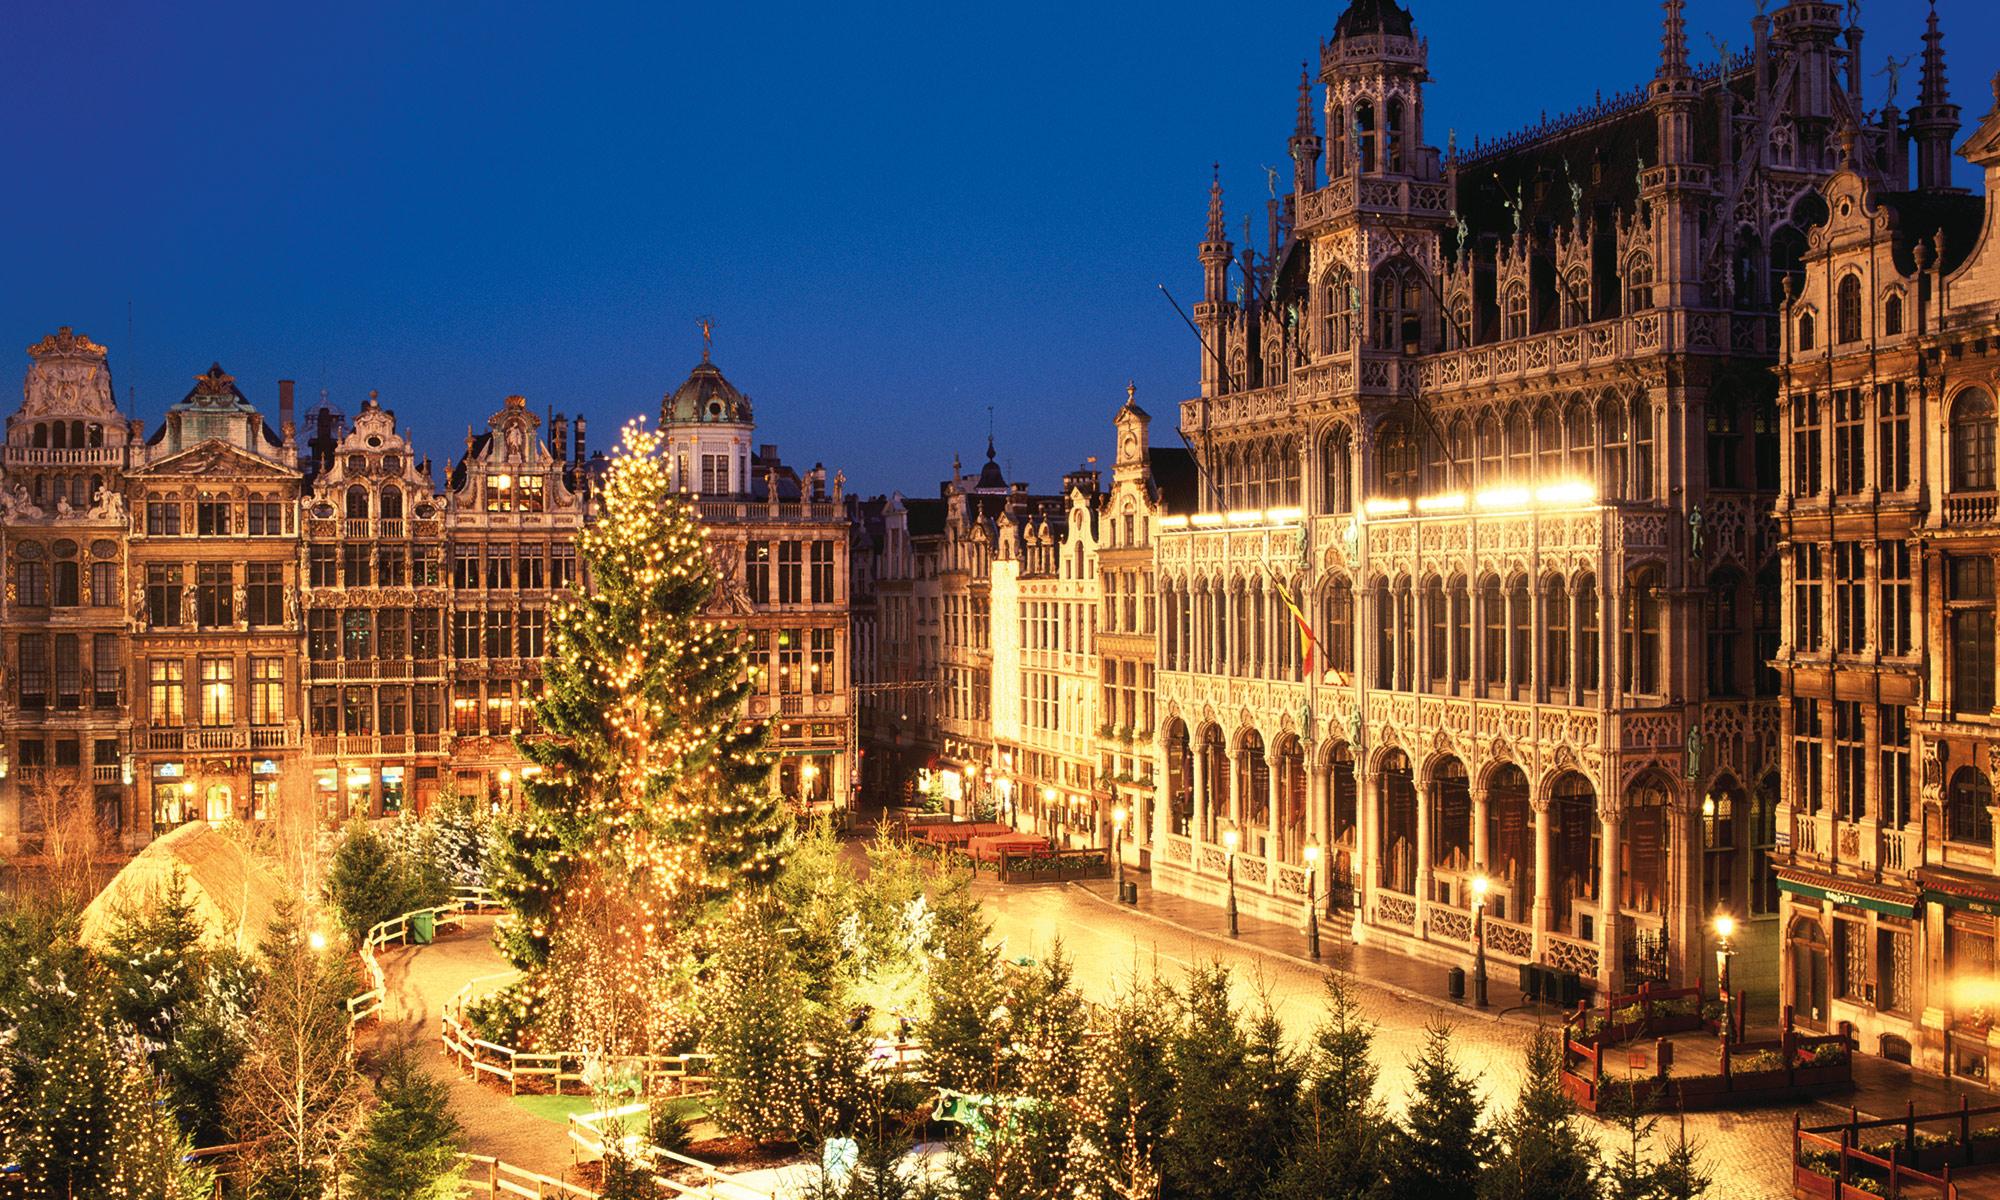 Եվրոպական ո՞ր երկրներն են ամենաշատը ծախսում Ծննդյան տոներին